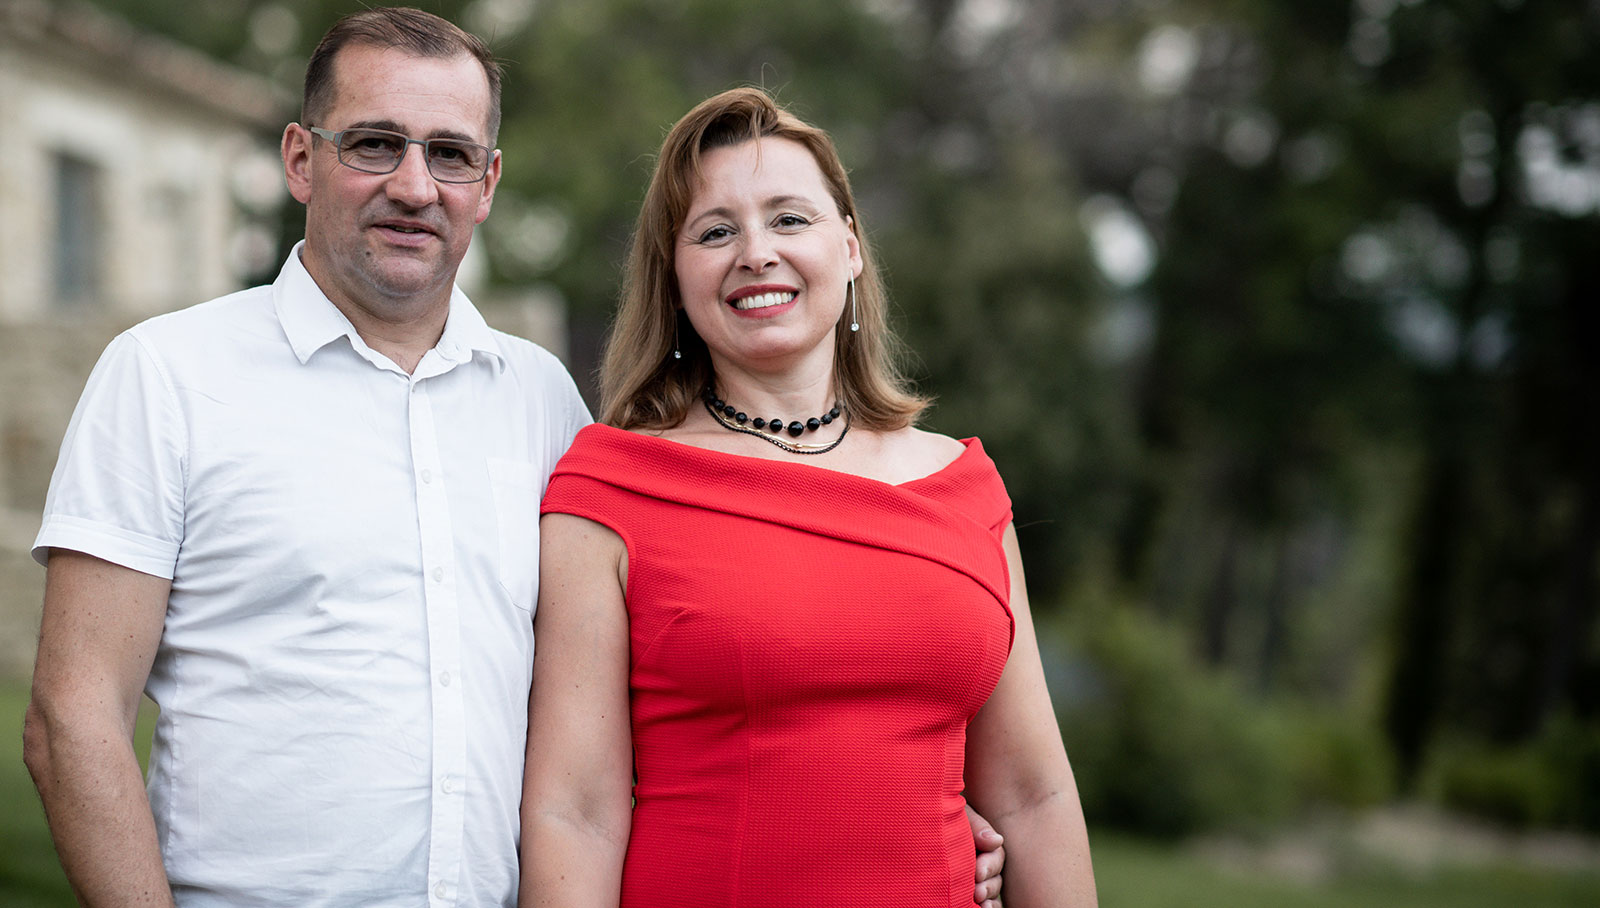 Entreprendre en couple : le témoignage de Franck et Emmanuelle